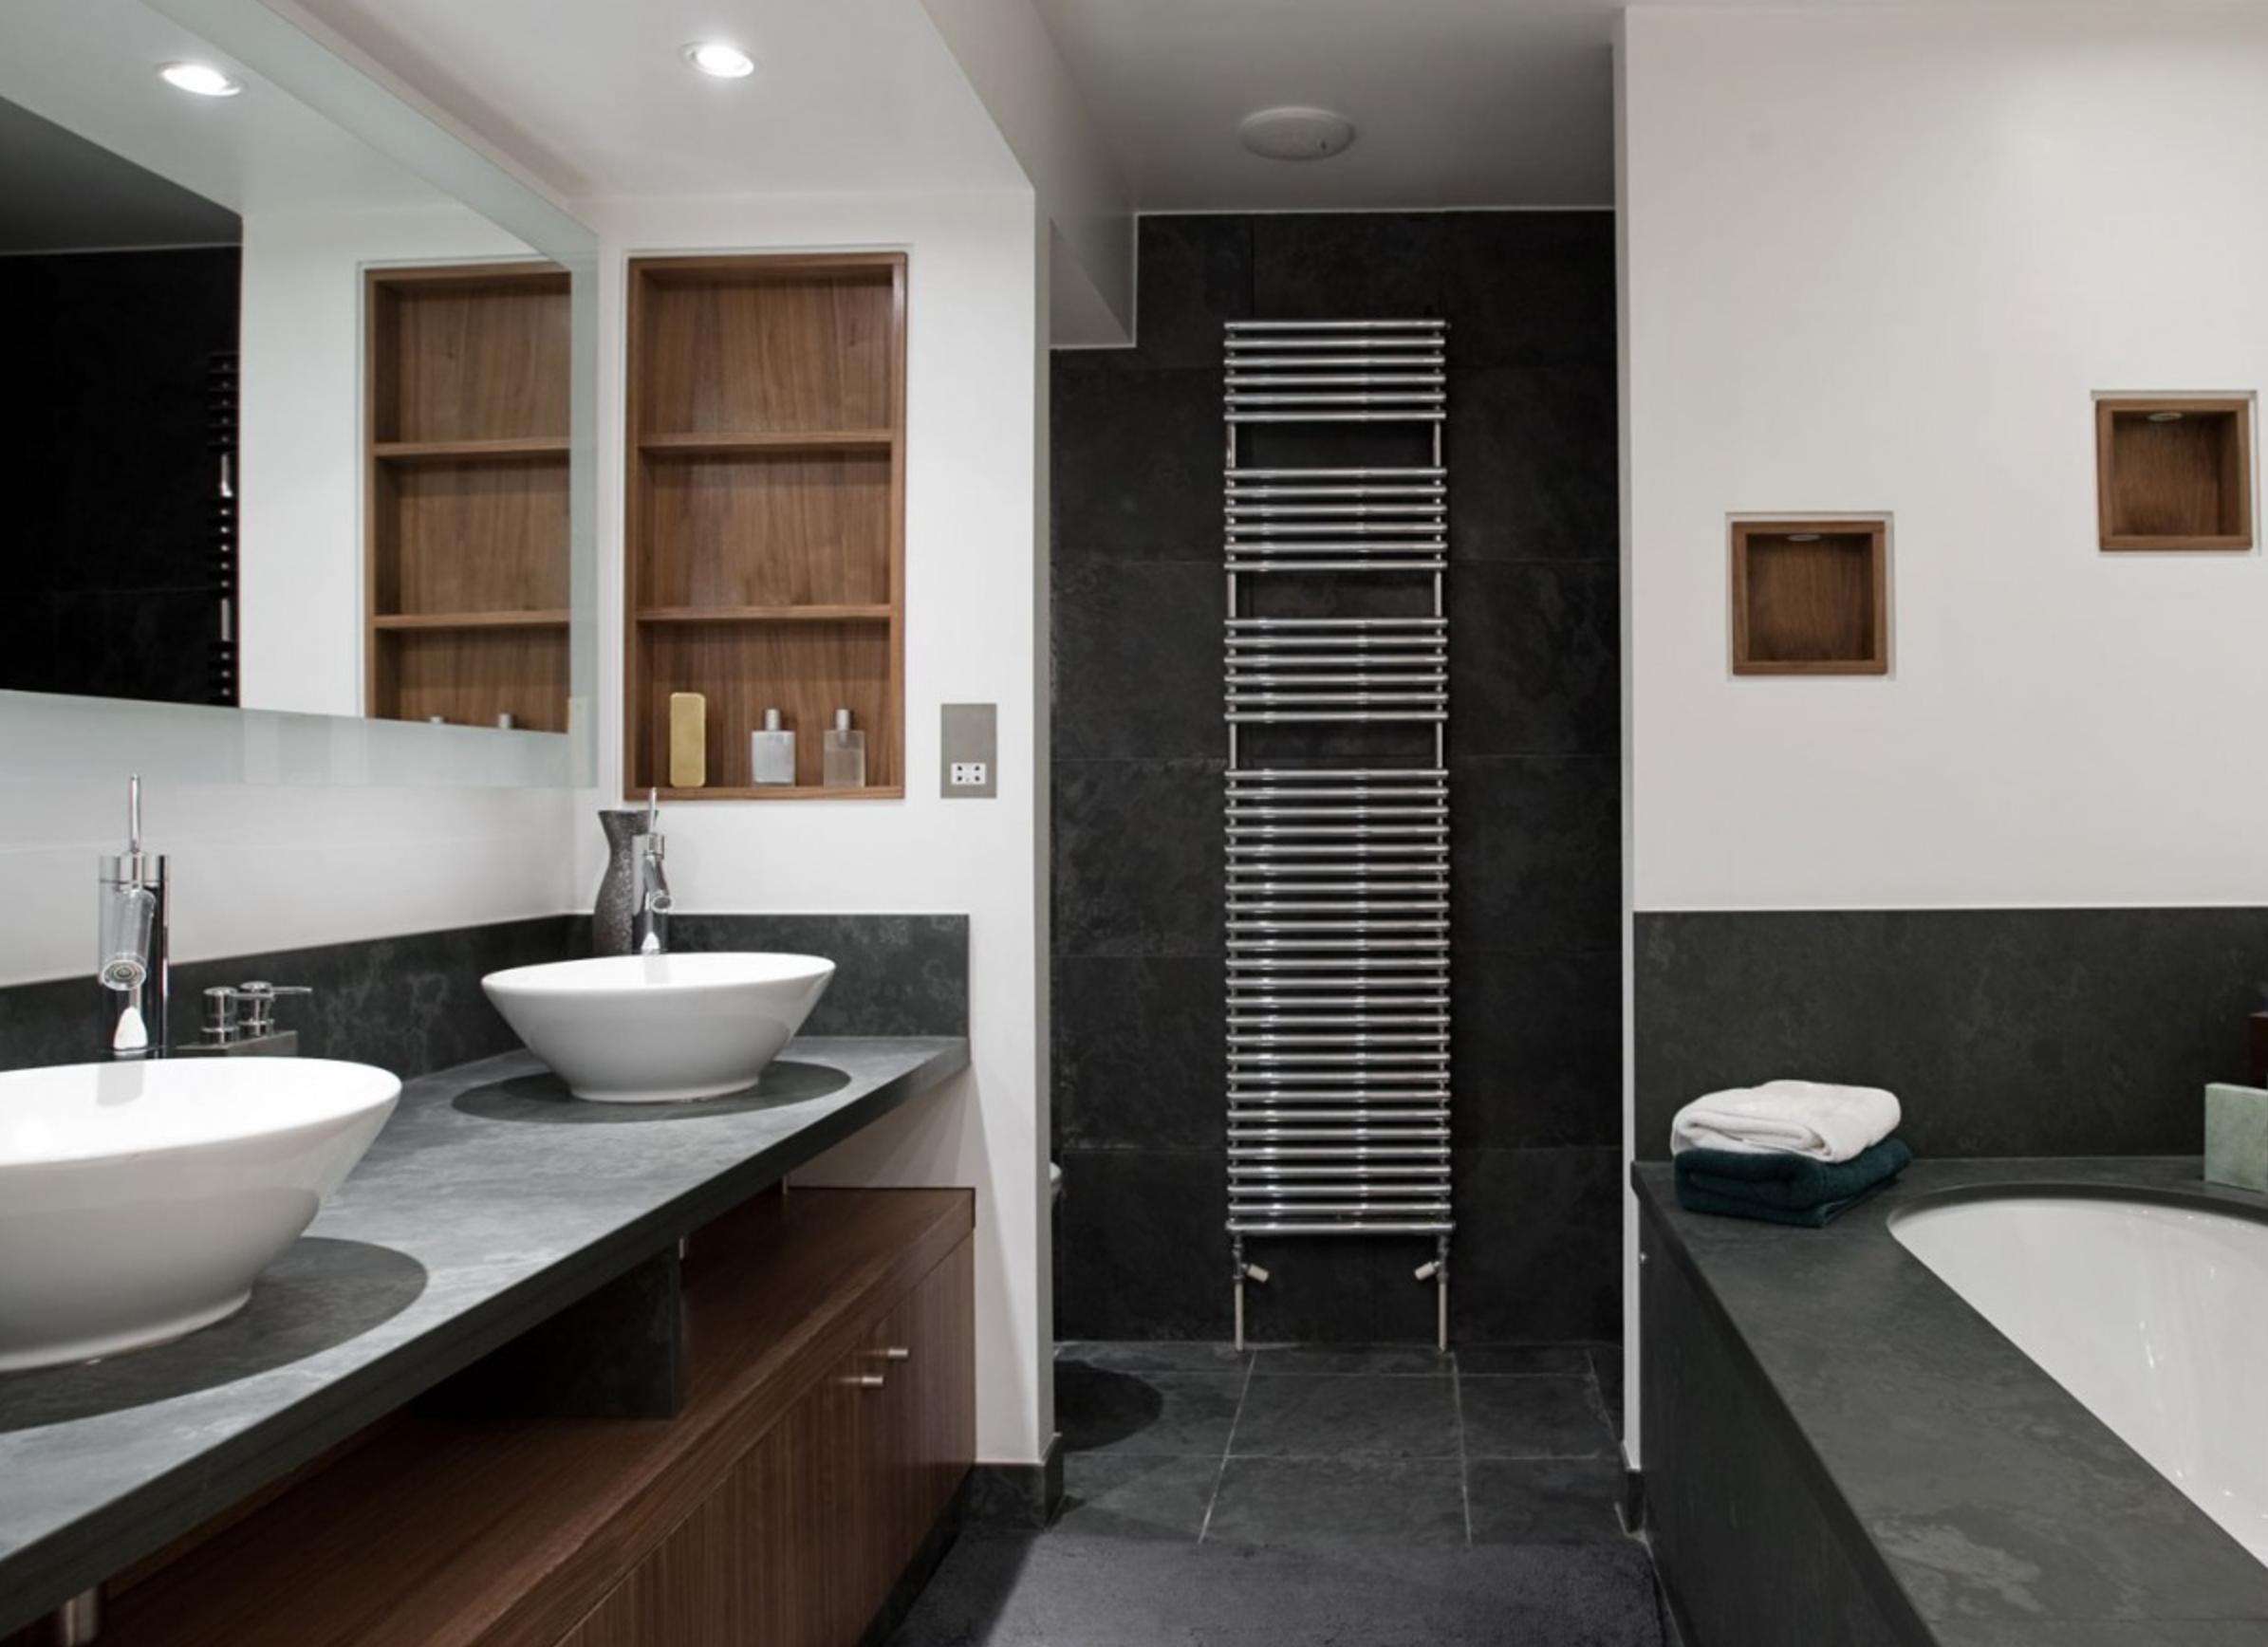 salle de bain aix les bains savoie agencement concept. Black Bedroom Furniture Sets. Home Design Ideas